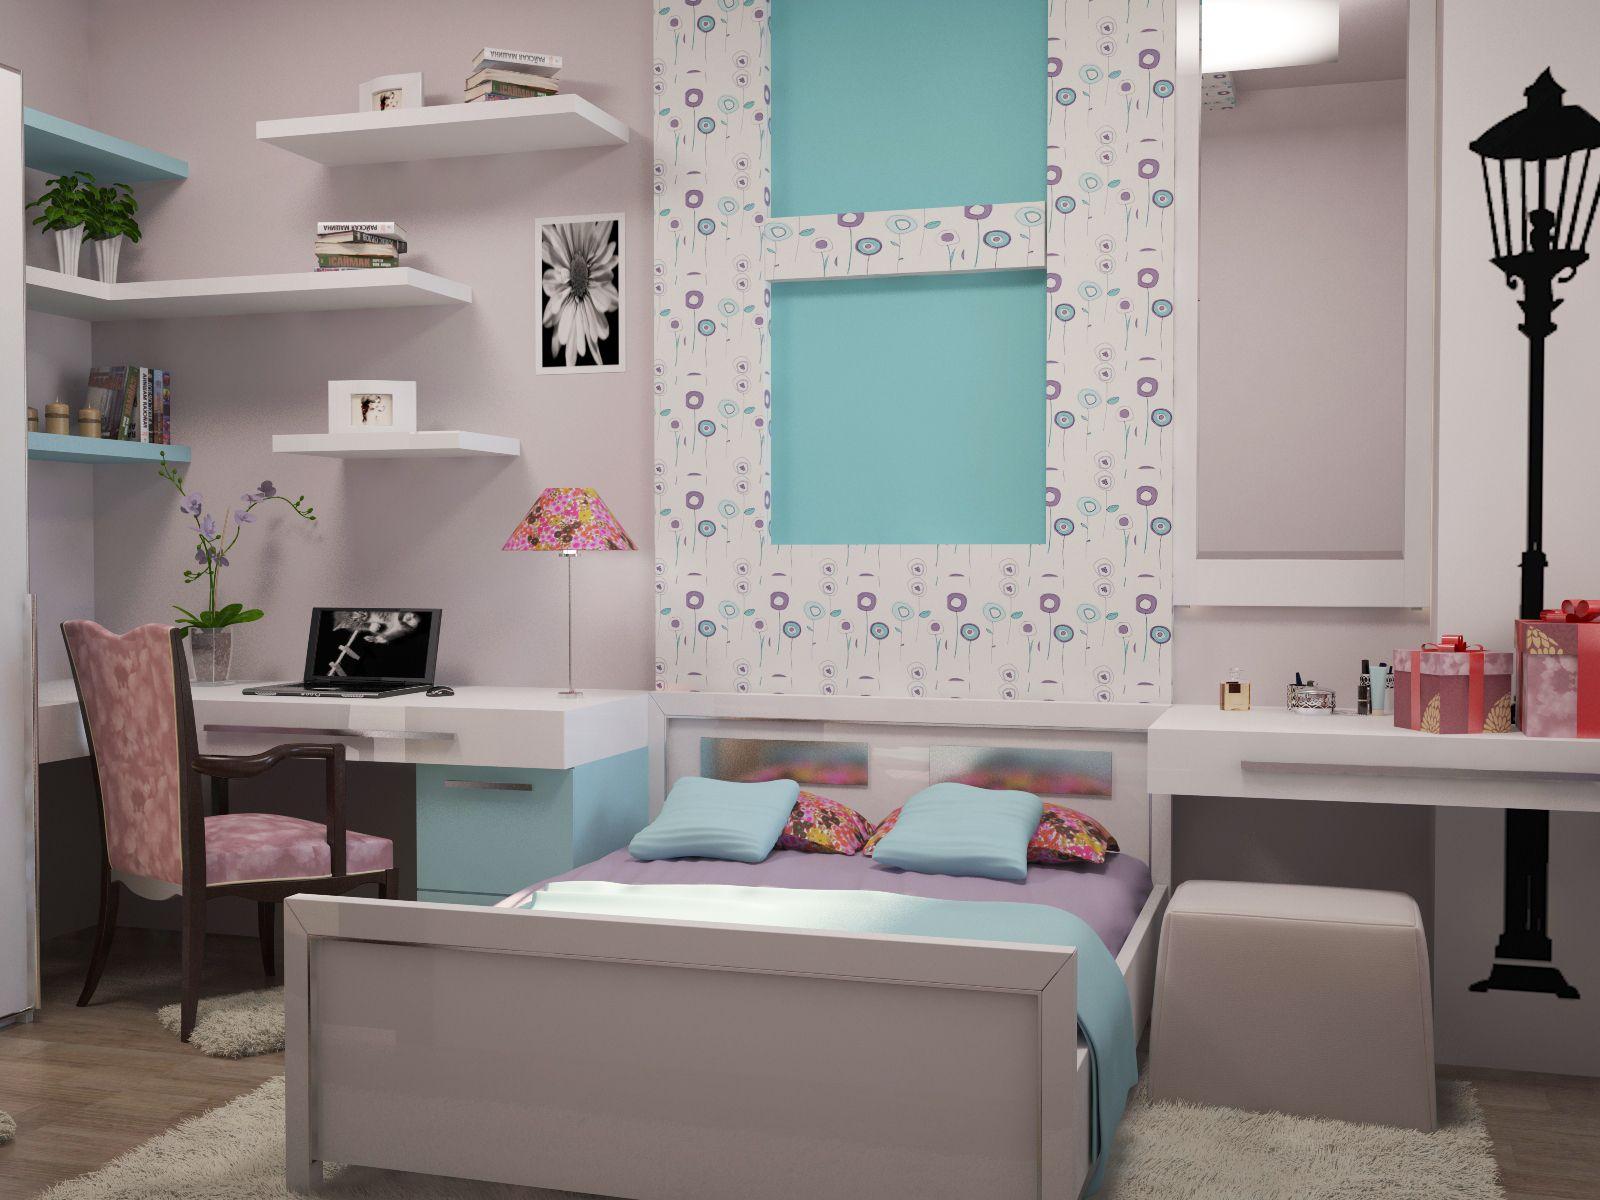 Bedroom Girl Quartos Pinterest Quartos Quarto Juvenil E  ~ Quarto Juvenil Menina Com Caixote De Feira Quarto